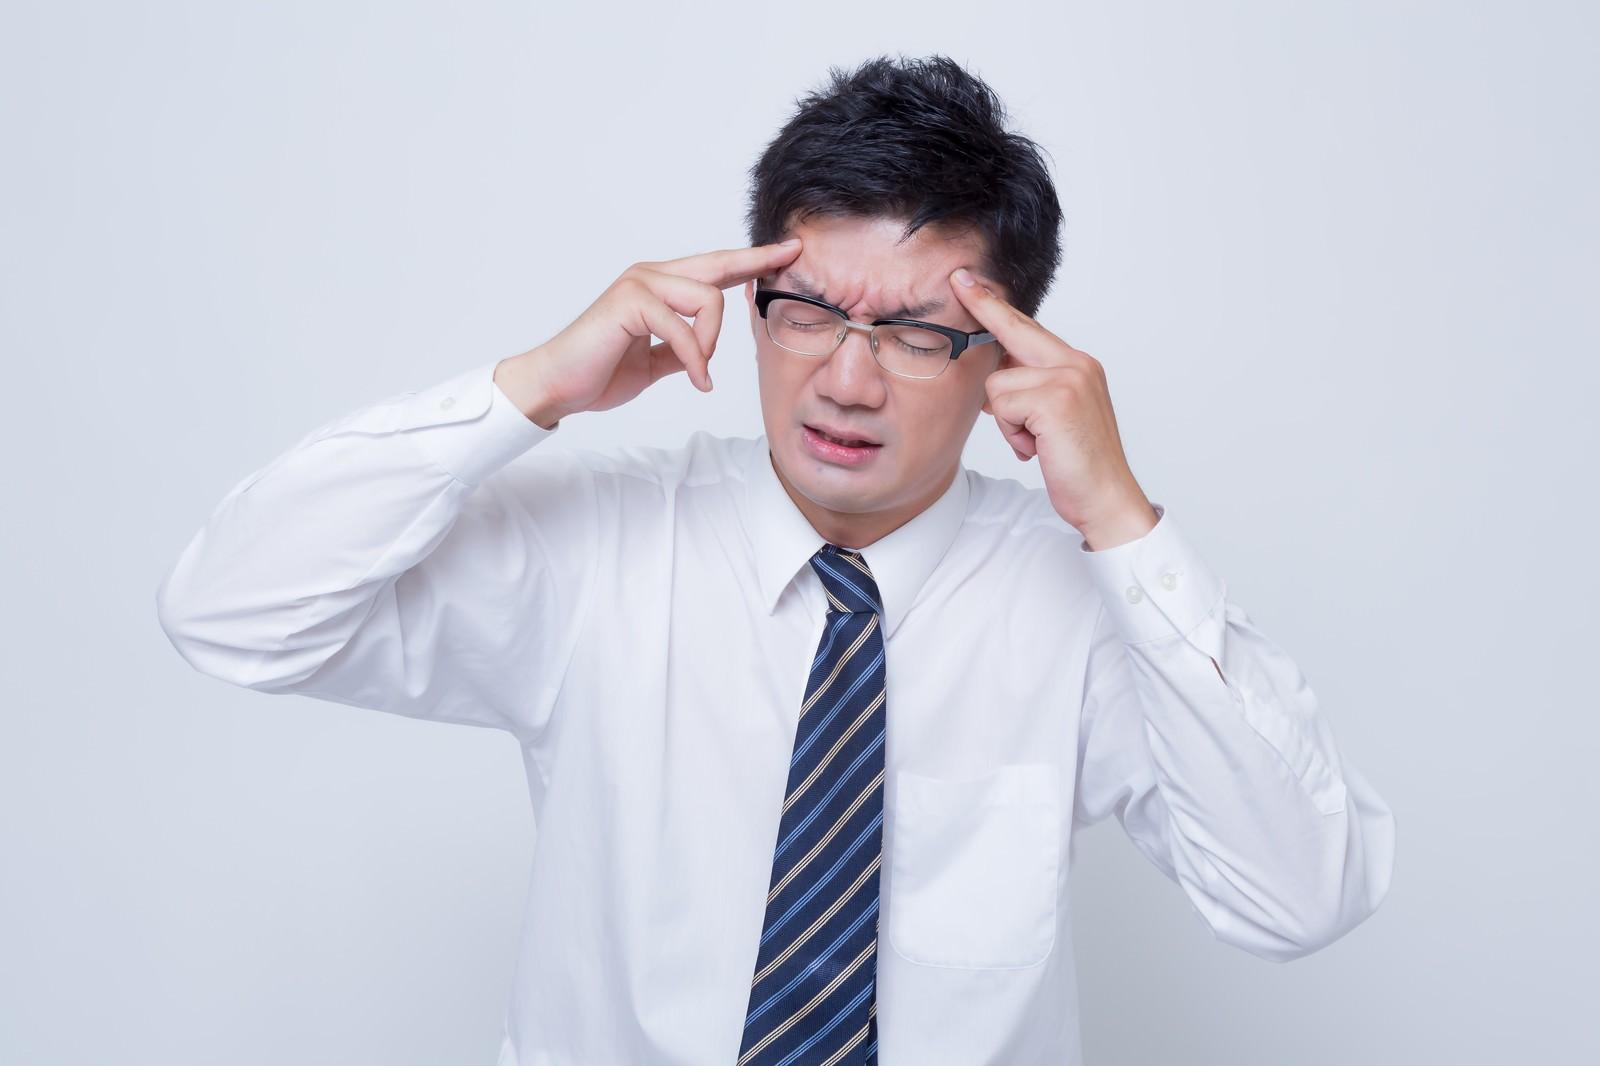 頭痛 イラスト 動物